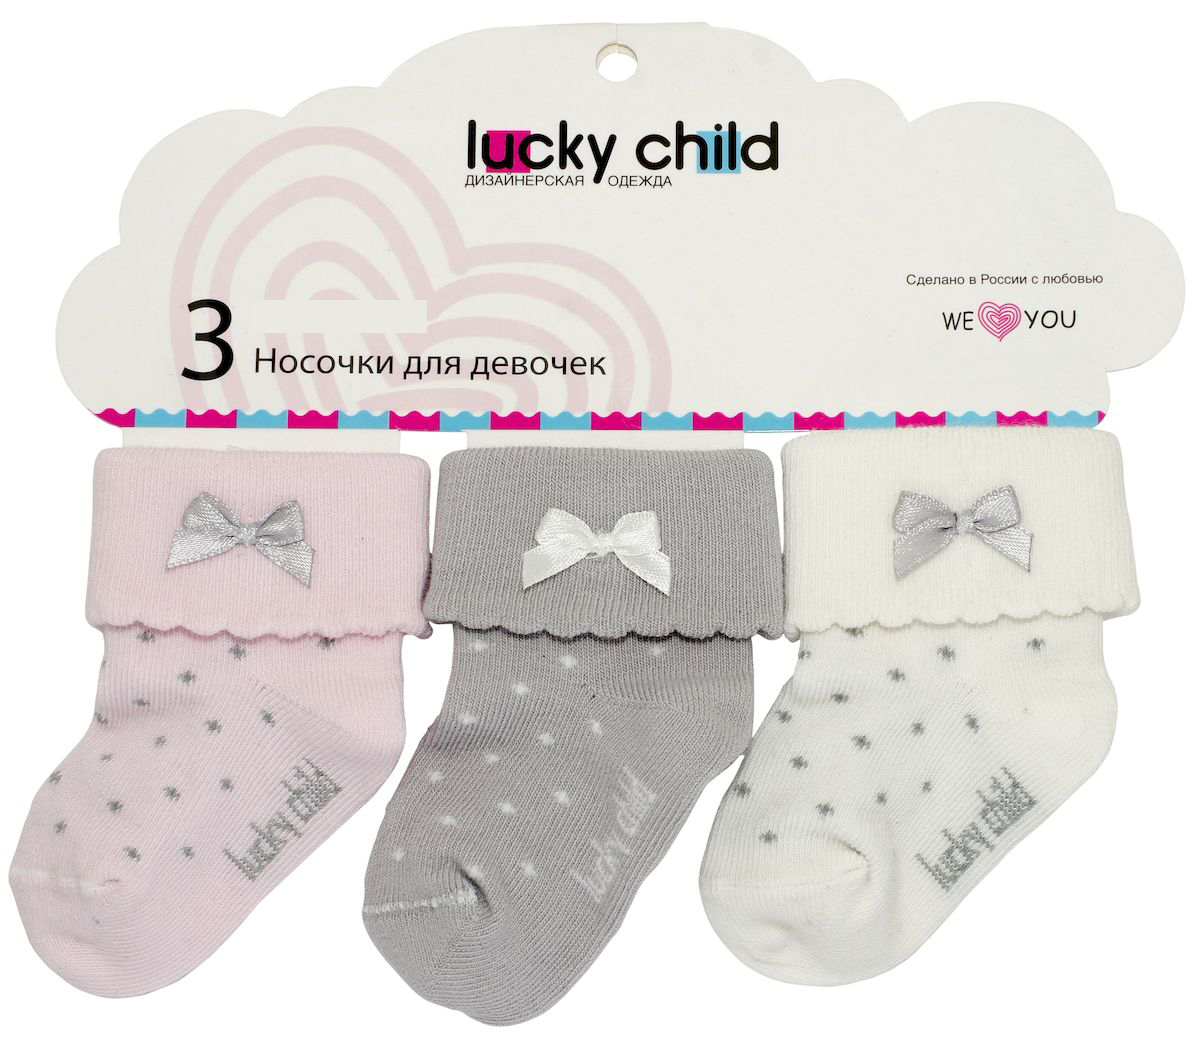 Носки для девочки Lucky Child, цвет: розовый, белый, серый, 3 пары. Н-1Д. Размер 13/15 пижамы lucky child пижама